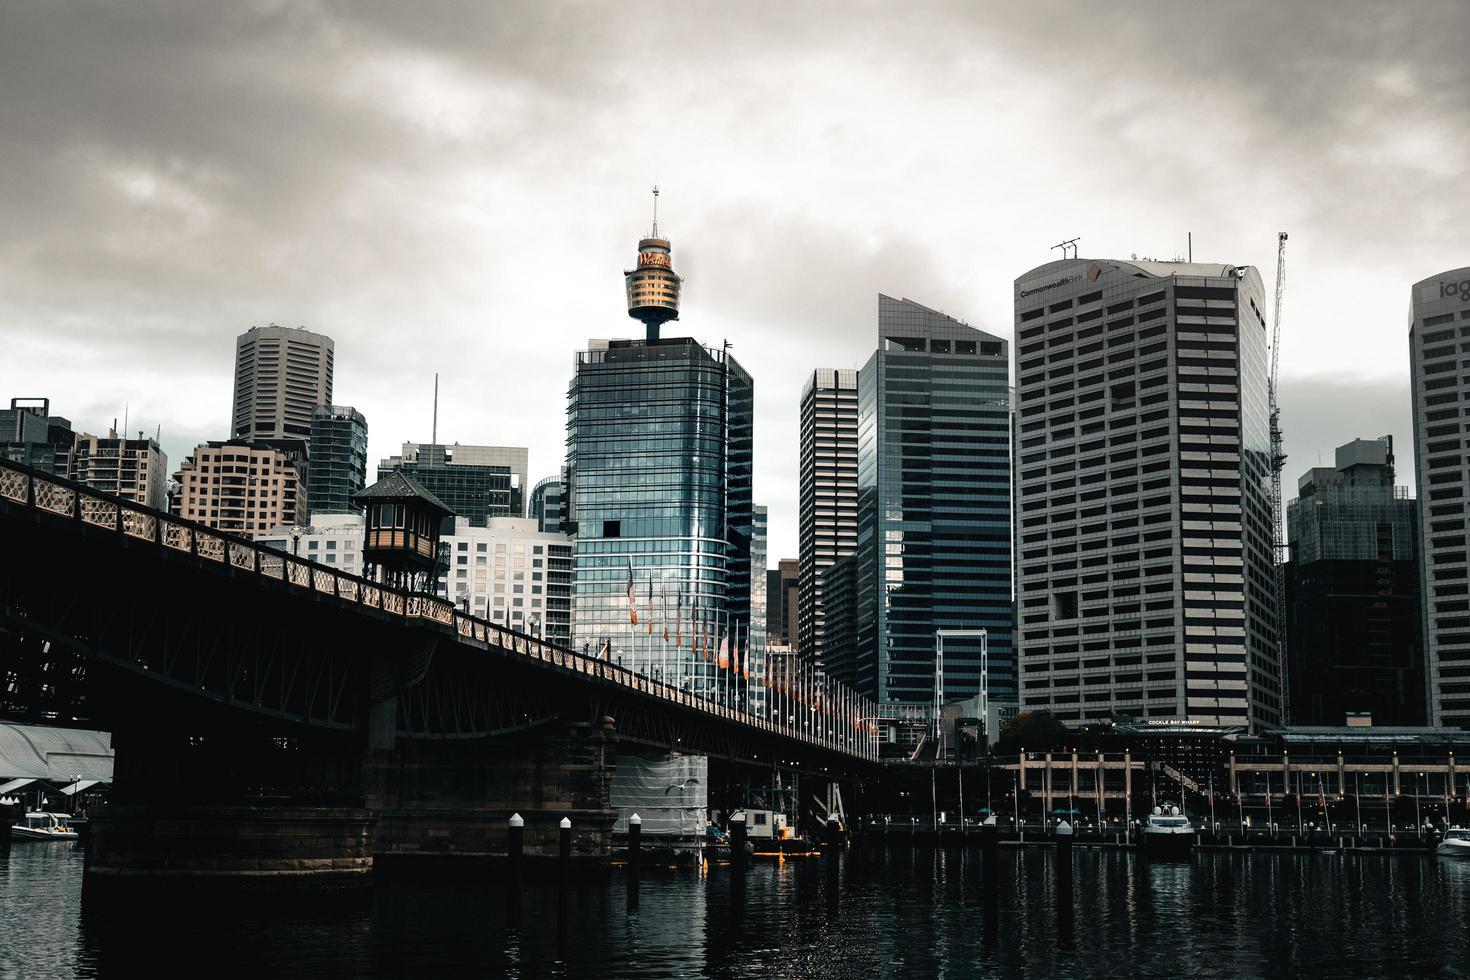 Hochhäuser in der Nähe der Brücke foto